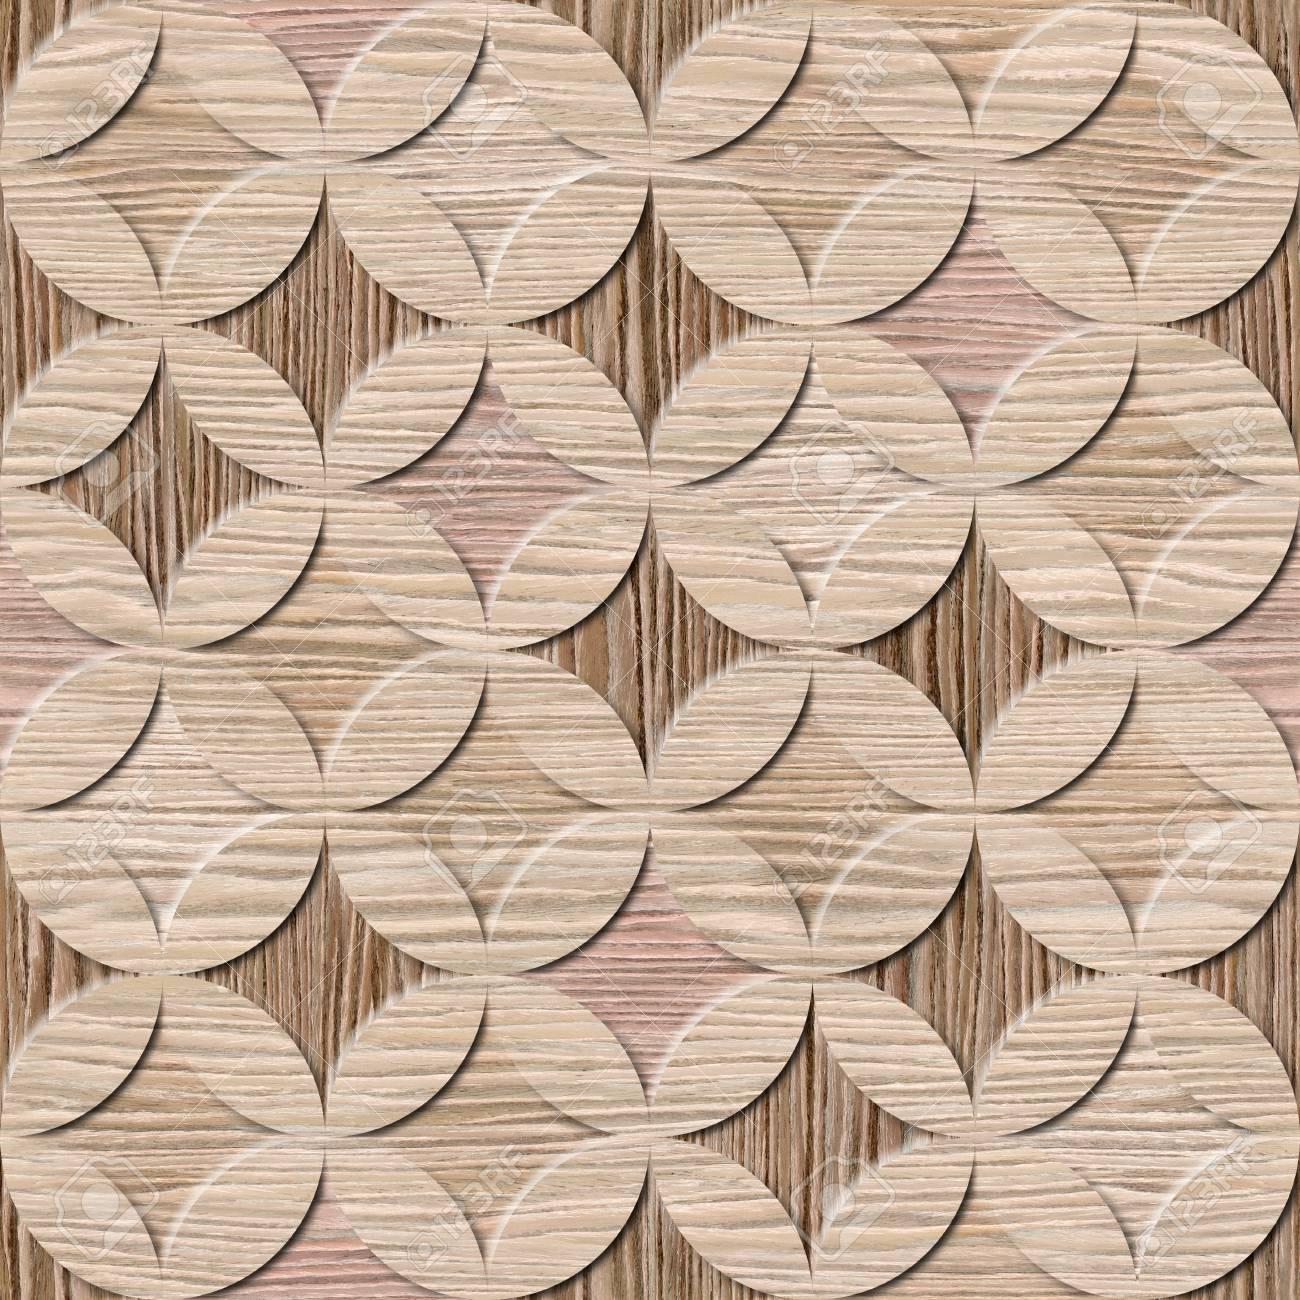 Papier Peint Design Du0027intérieur   Motif De Lambris   Matériel De Décoration  Abstraite